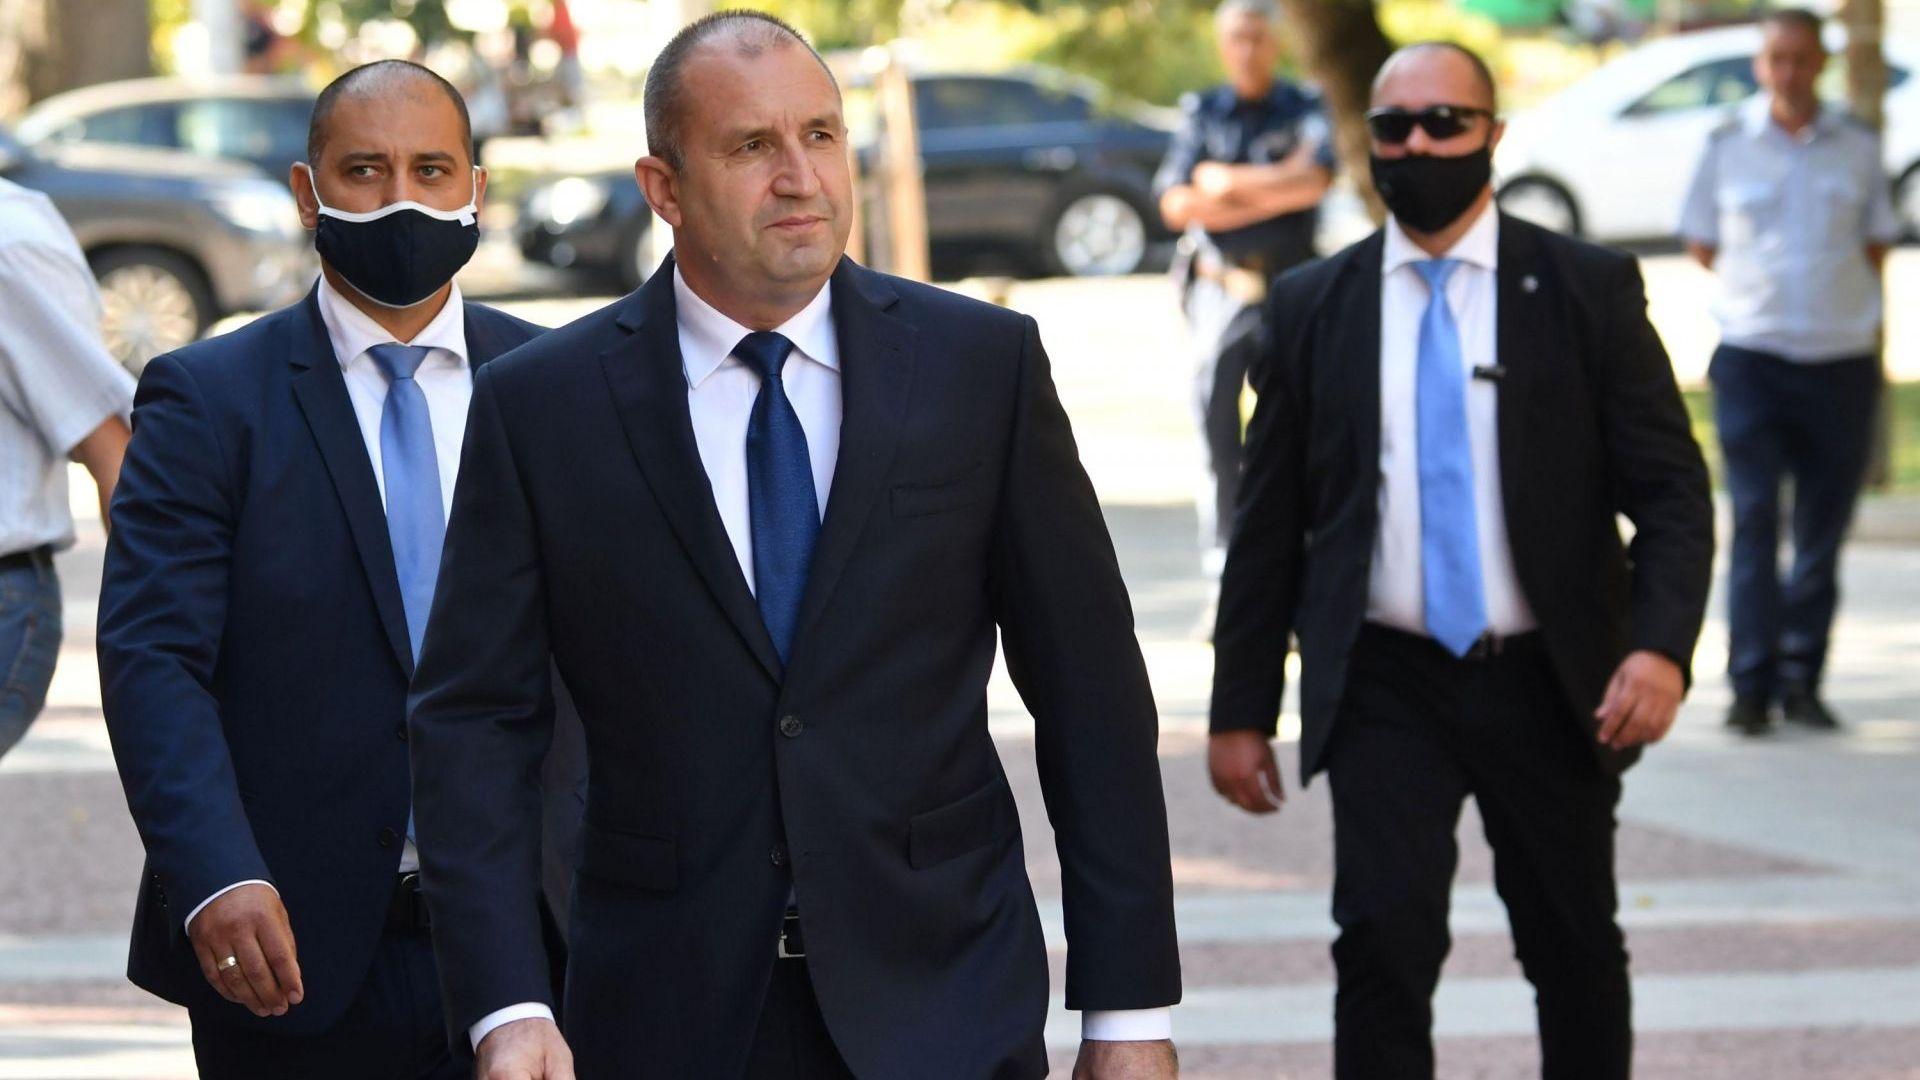 Освиркаха президента в Пловдив, той призова кабинета да подкрепи оръжейната индустрия (видео)